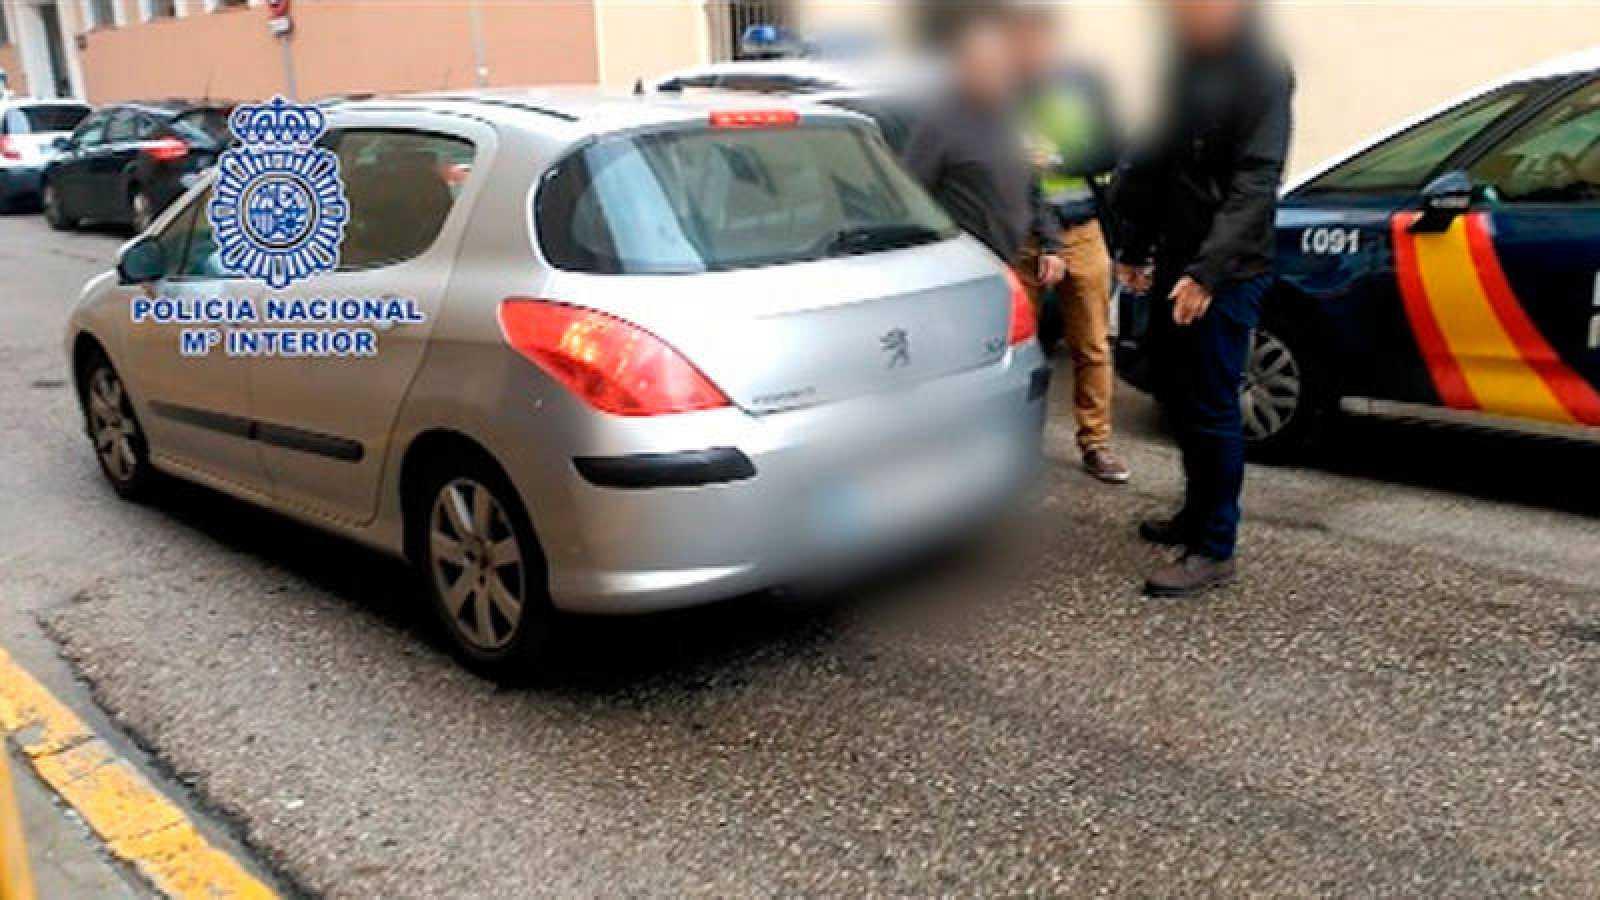 Arresto en la provincia de Cádiz de un ciberacosador que hostigó a decenas de menores